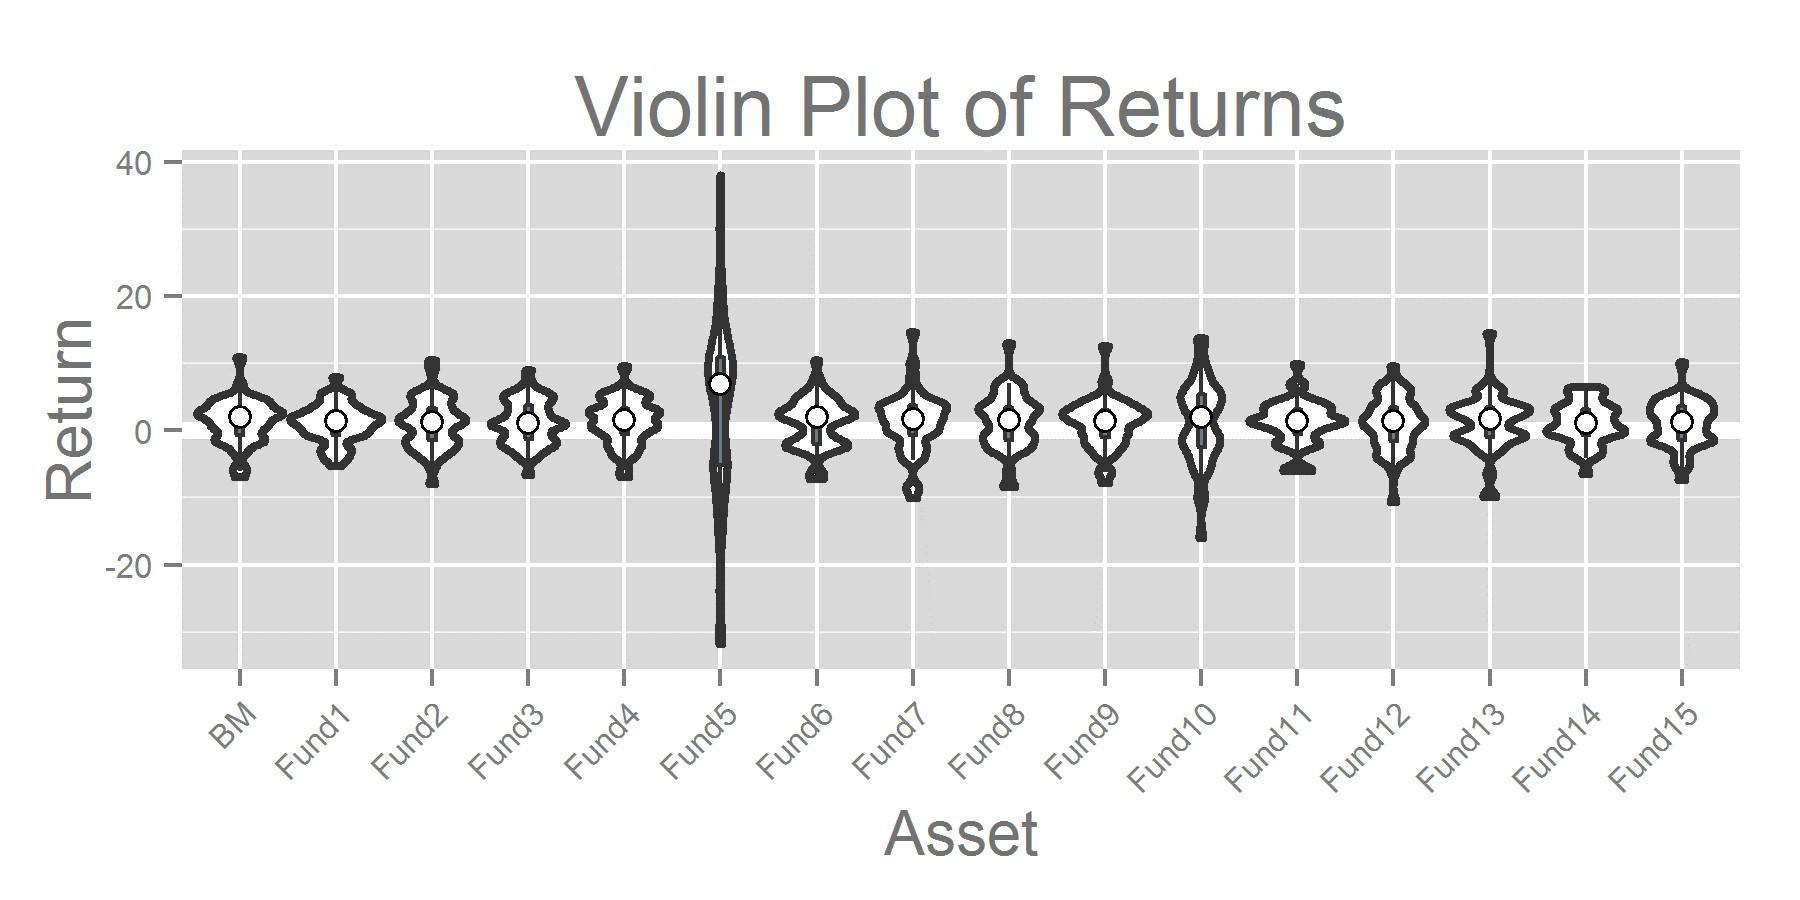 Violin Plot of Returns